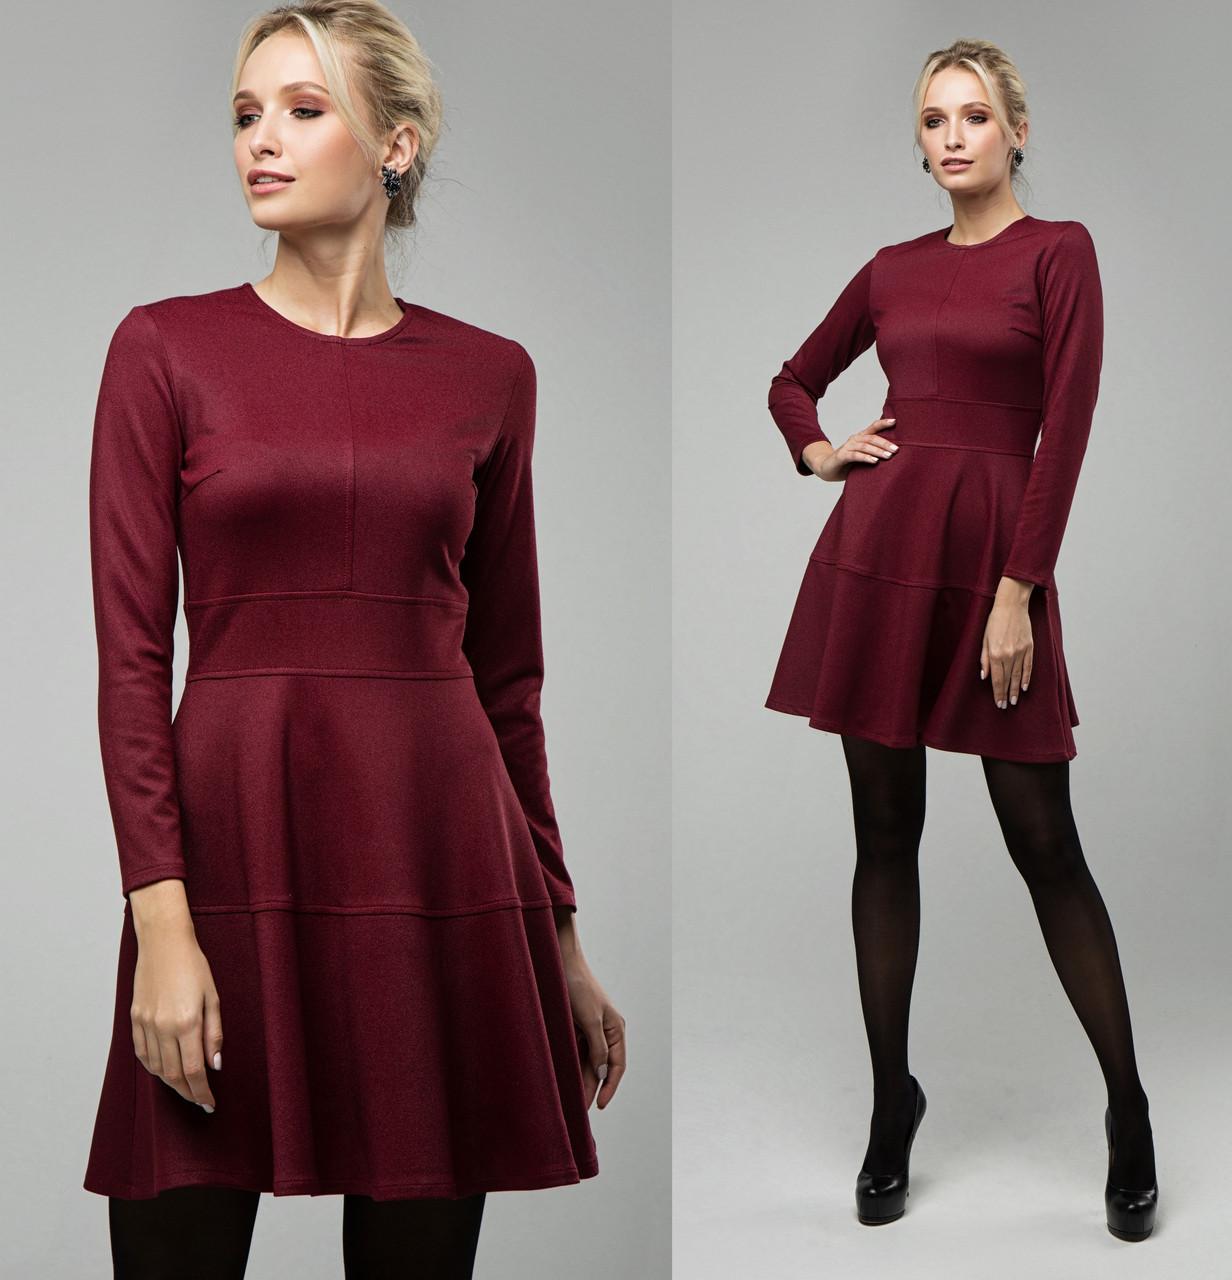 Офисное платье женское трикотажное с люрексом